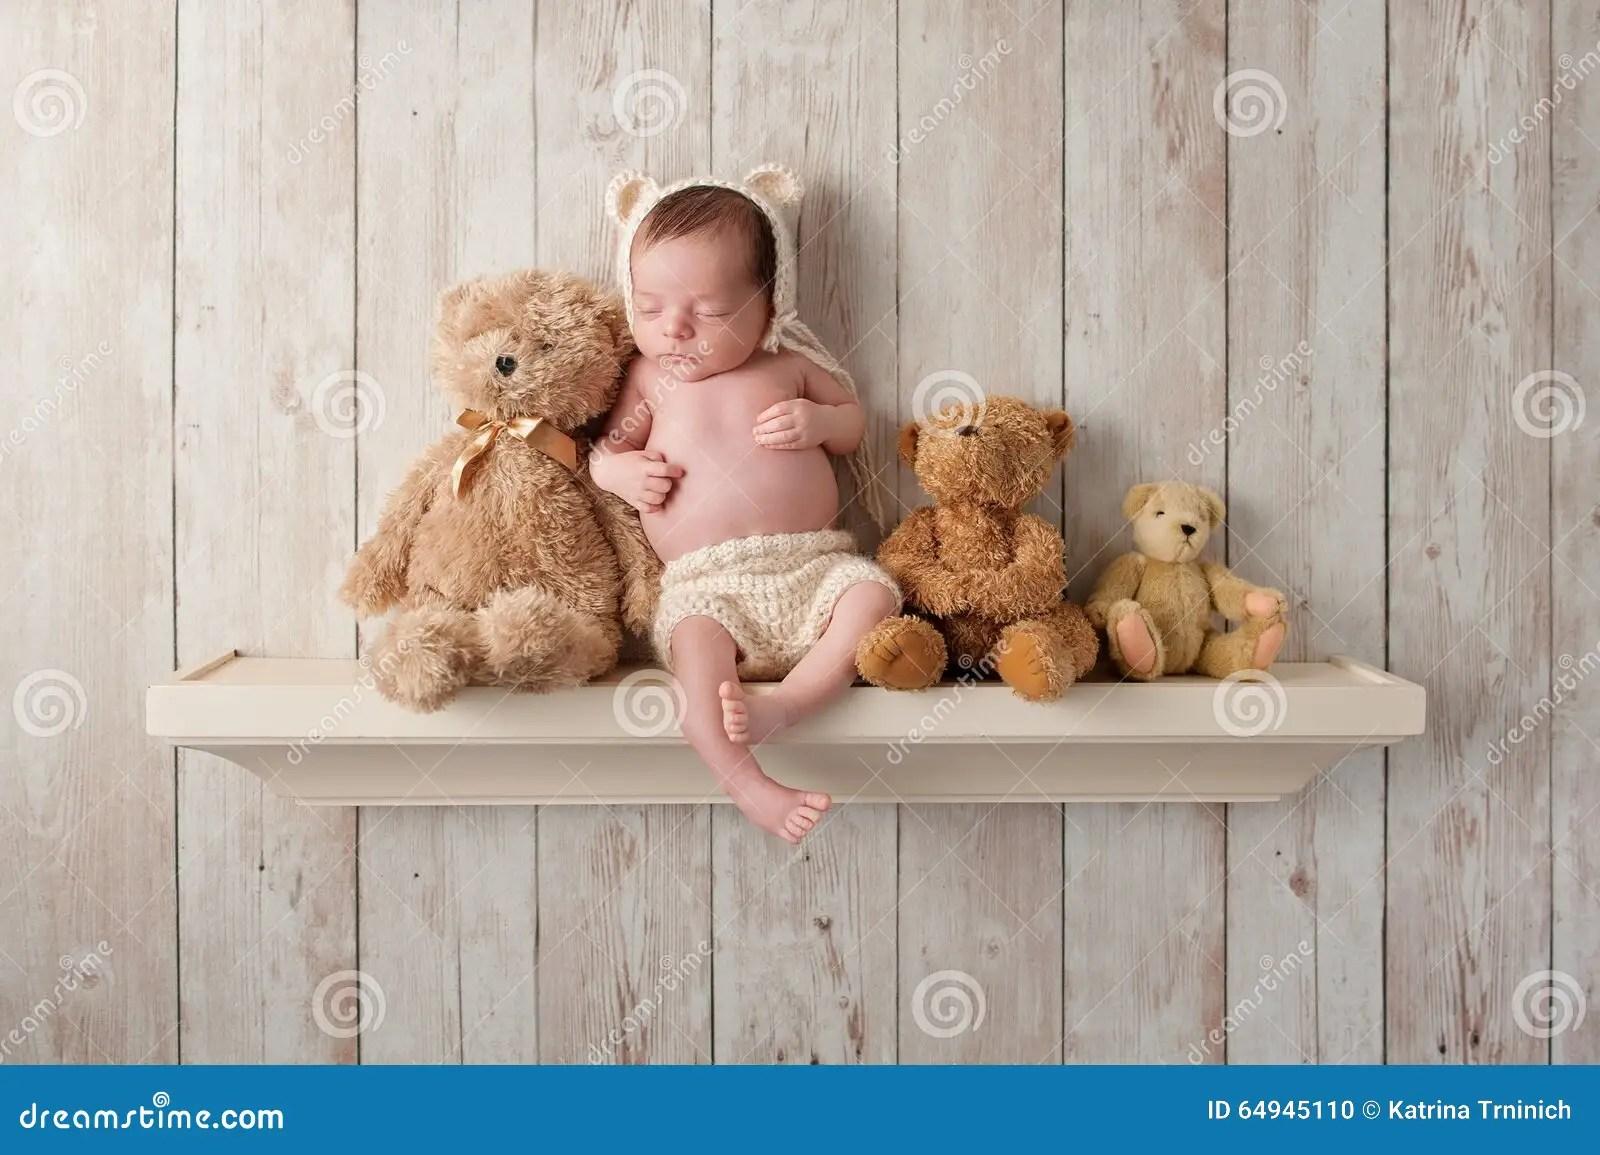 Newborn Baby Boy On A Shelf With Teddy Bears Stock Photo